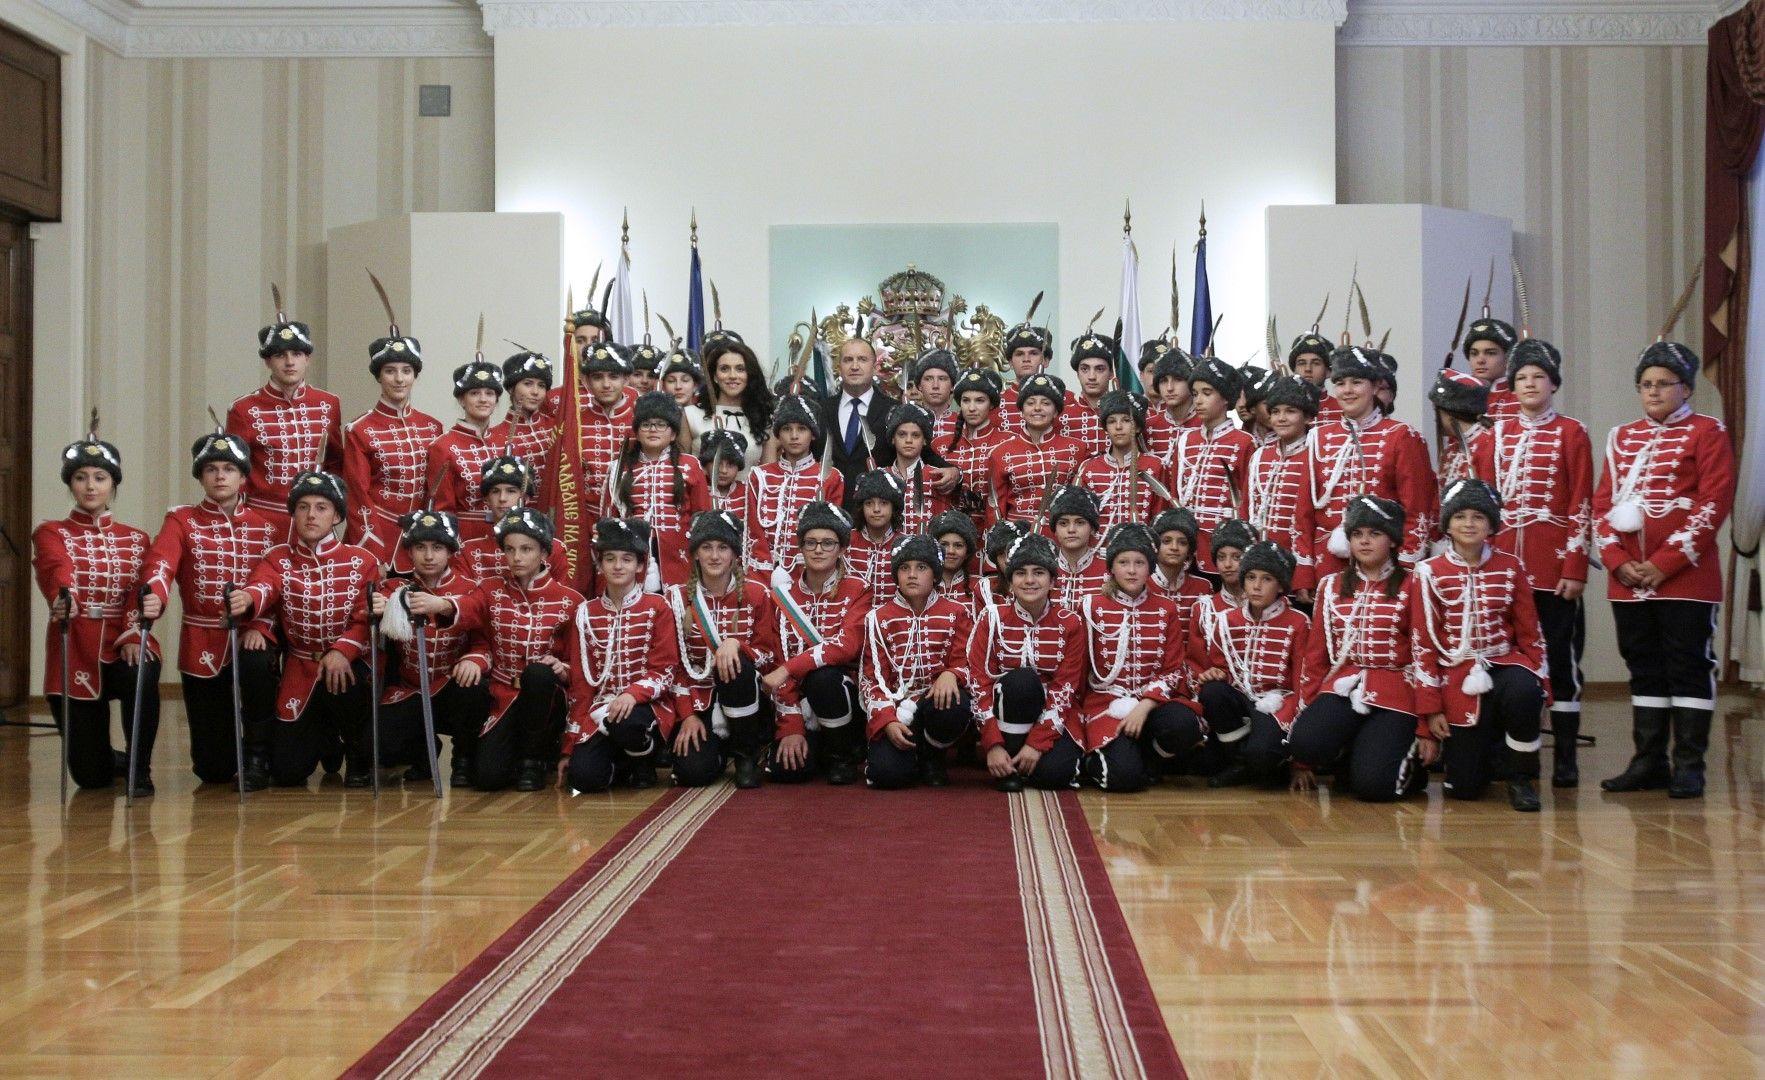 Президентът се направи снимка с учениците - гвардейци